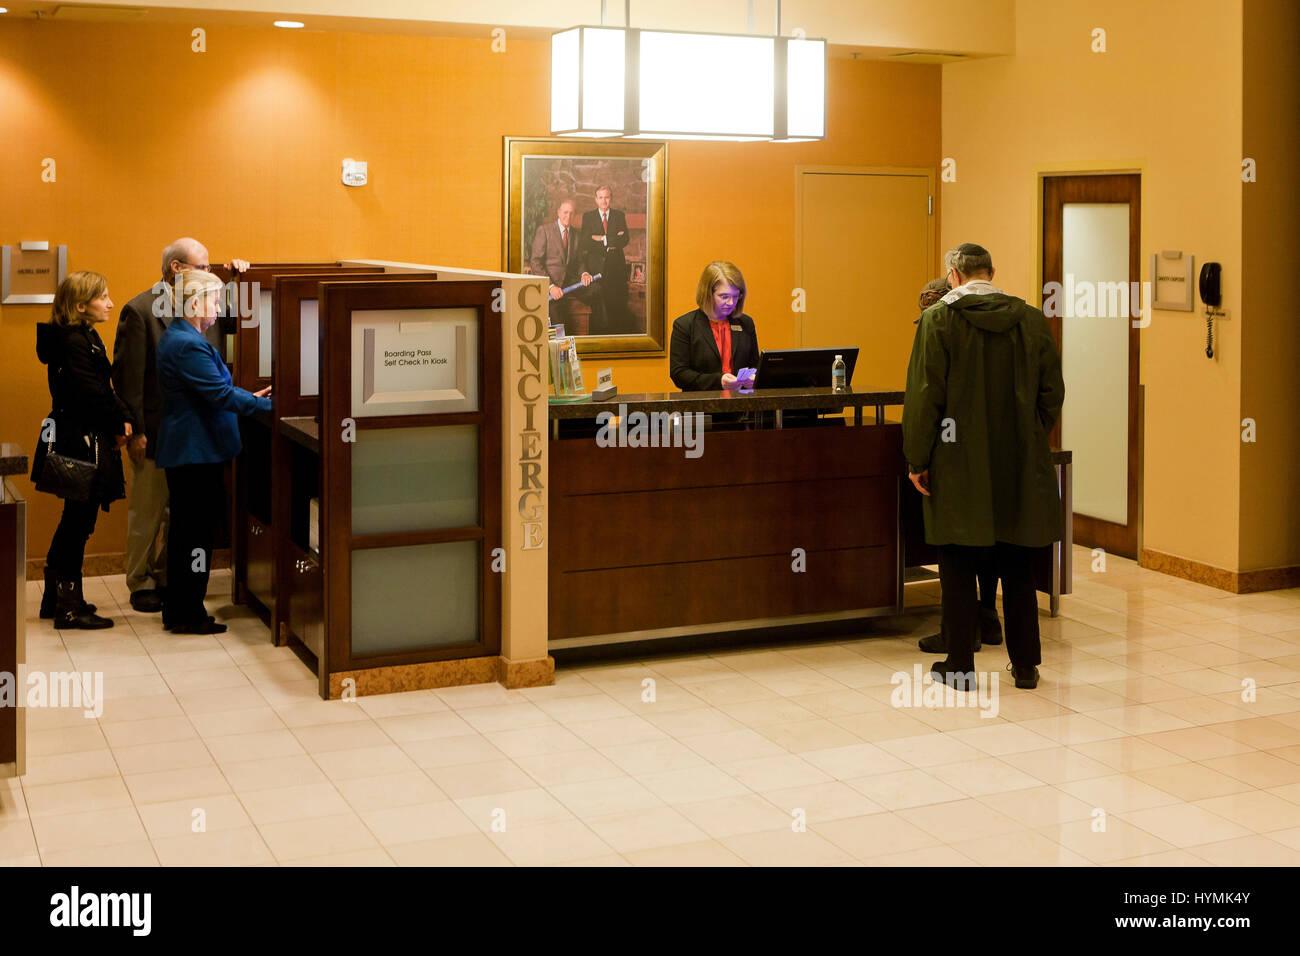 Concierge Desk Stock Photos  Concierge Desk Stock Images